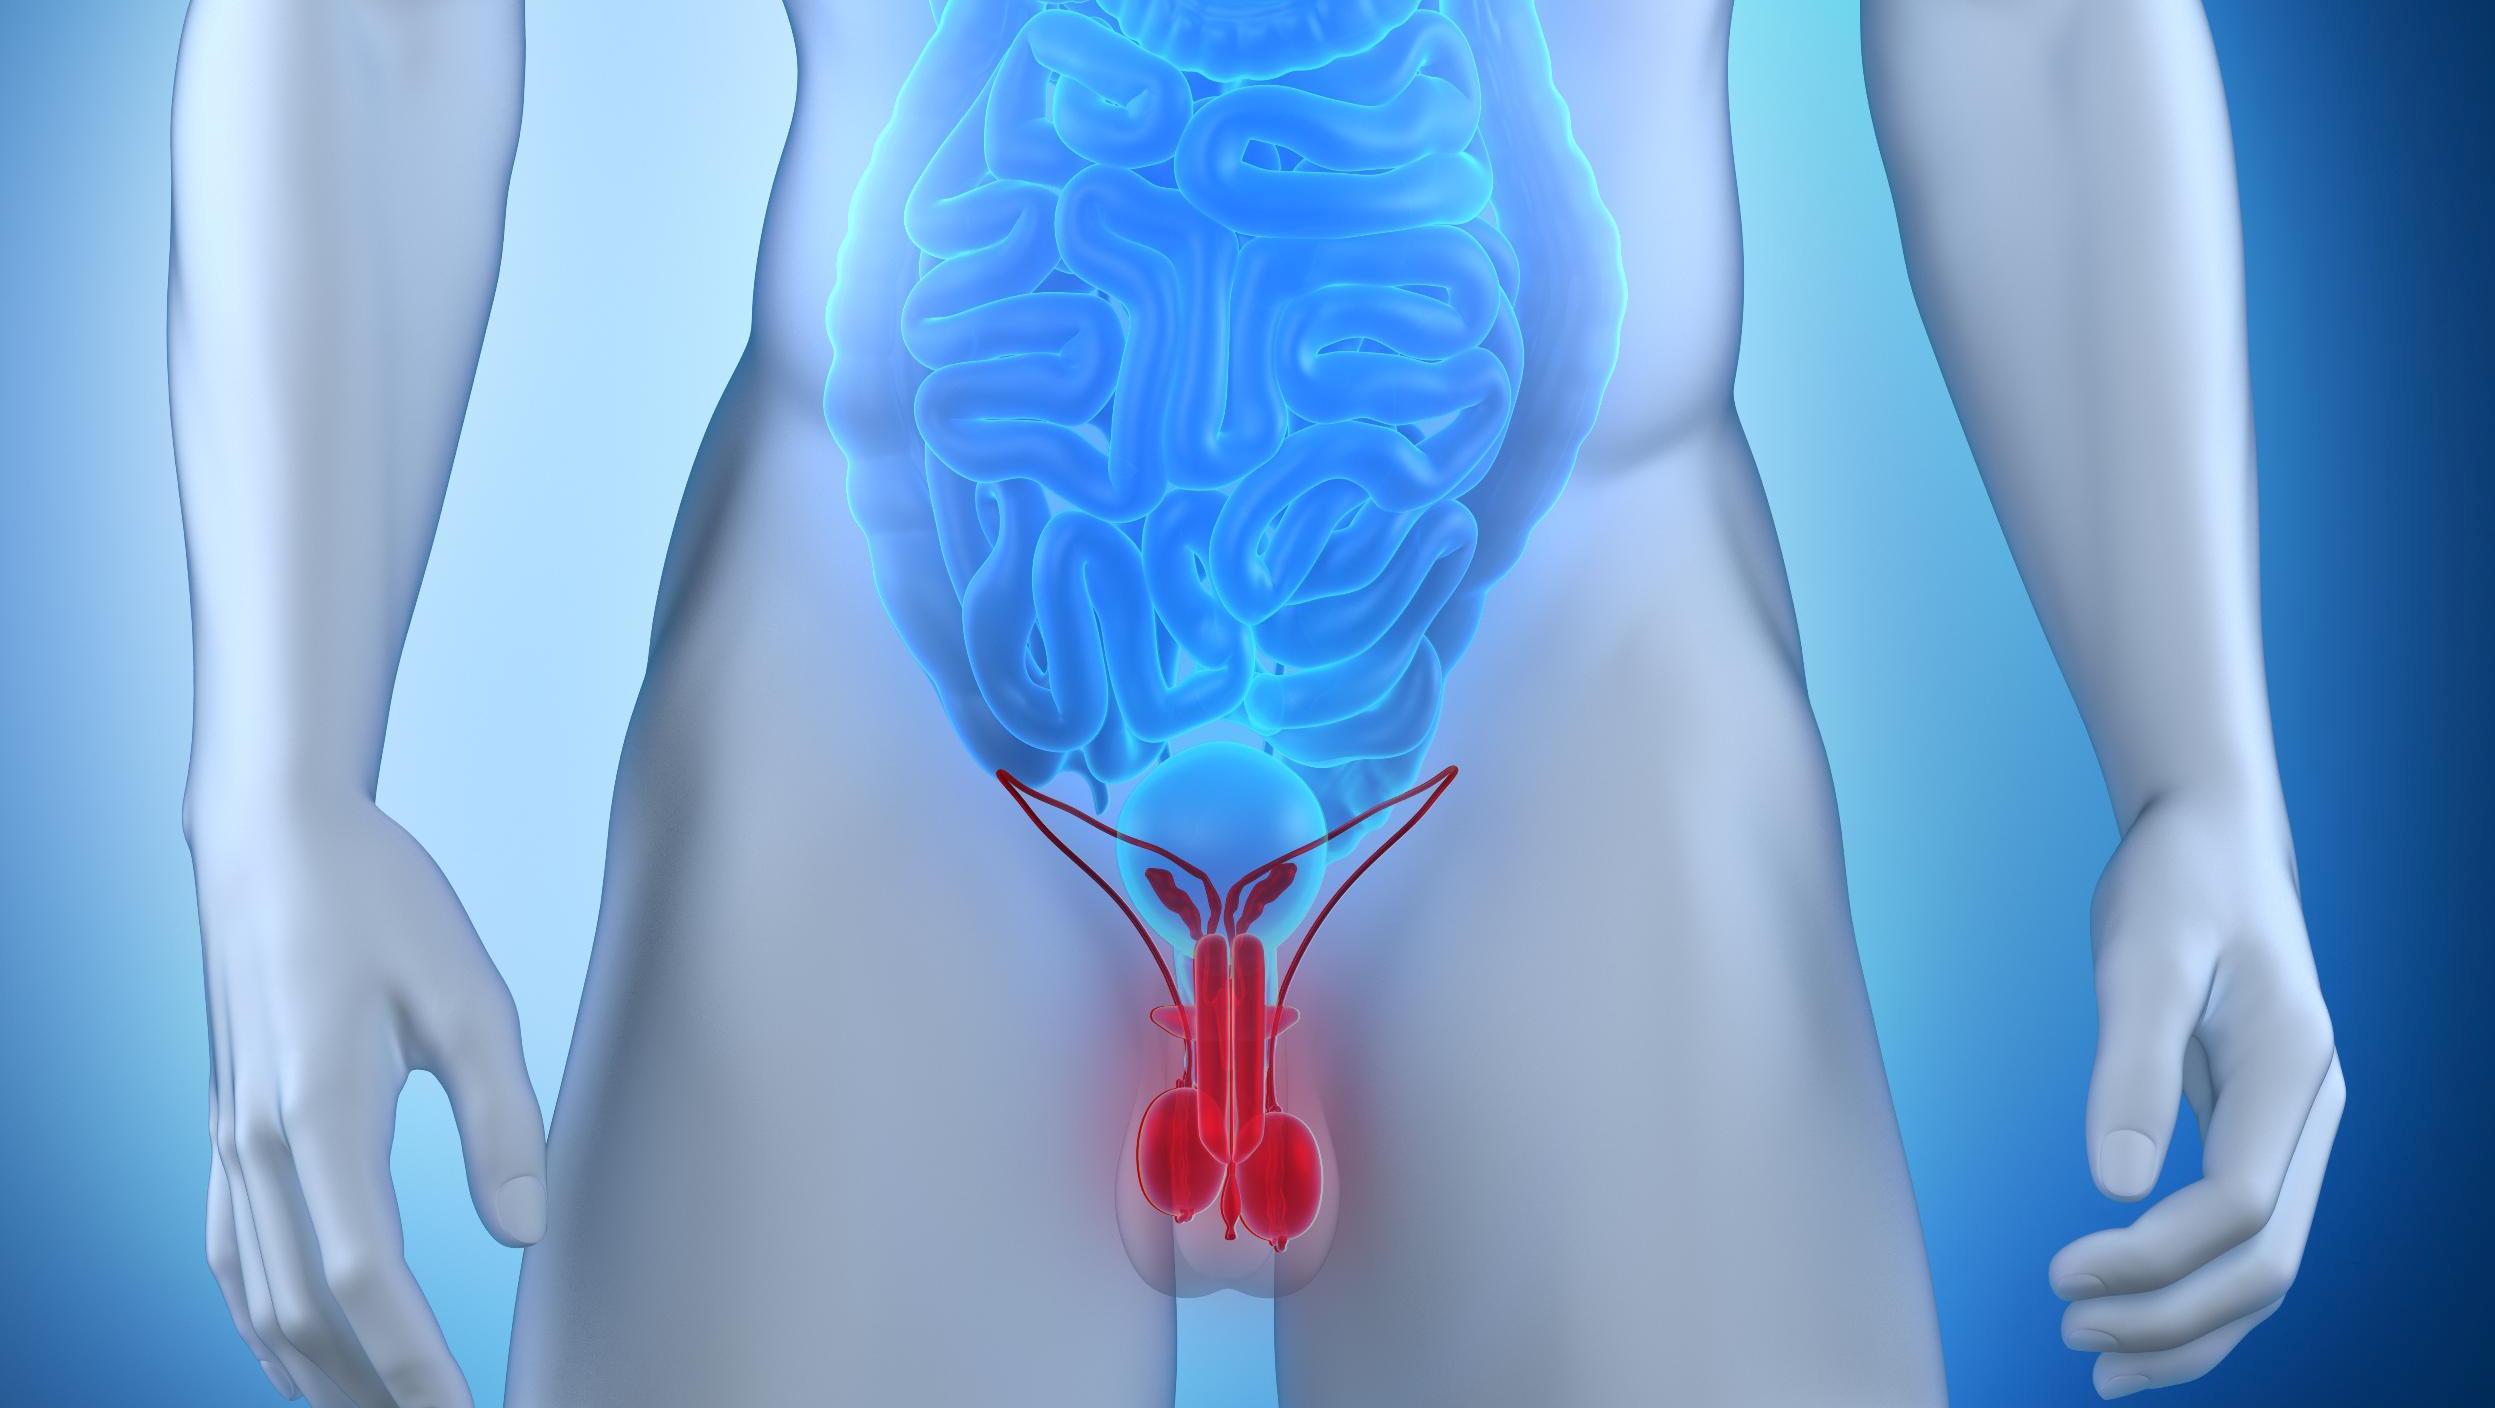 Злокачественная опухоль предстательной железы